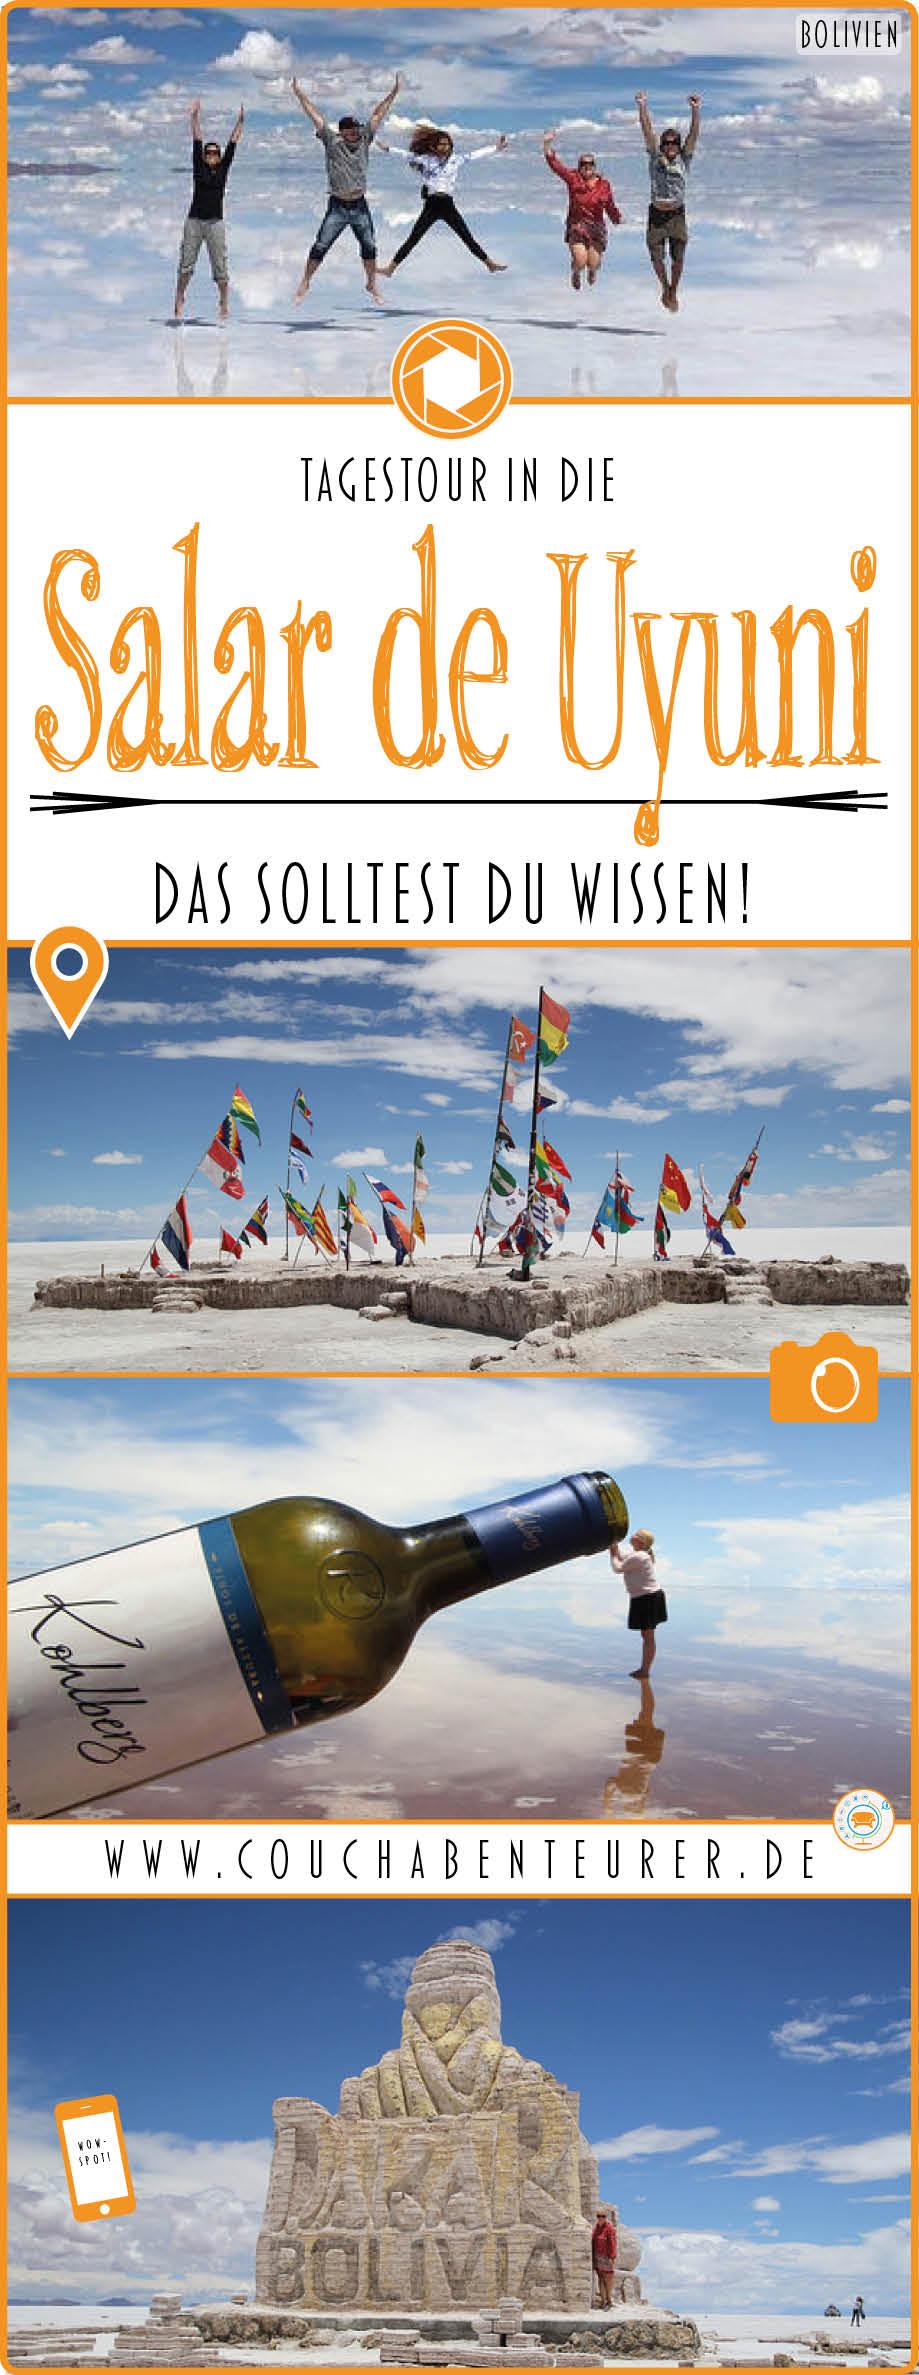 Tagestour-Salar-de-Uyuni–Das-solltest-du-wissen